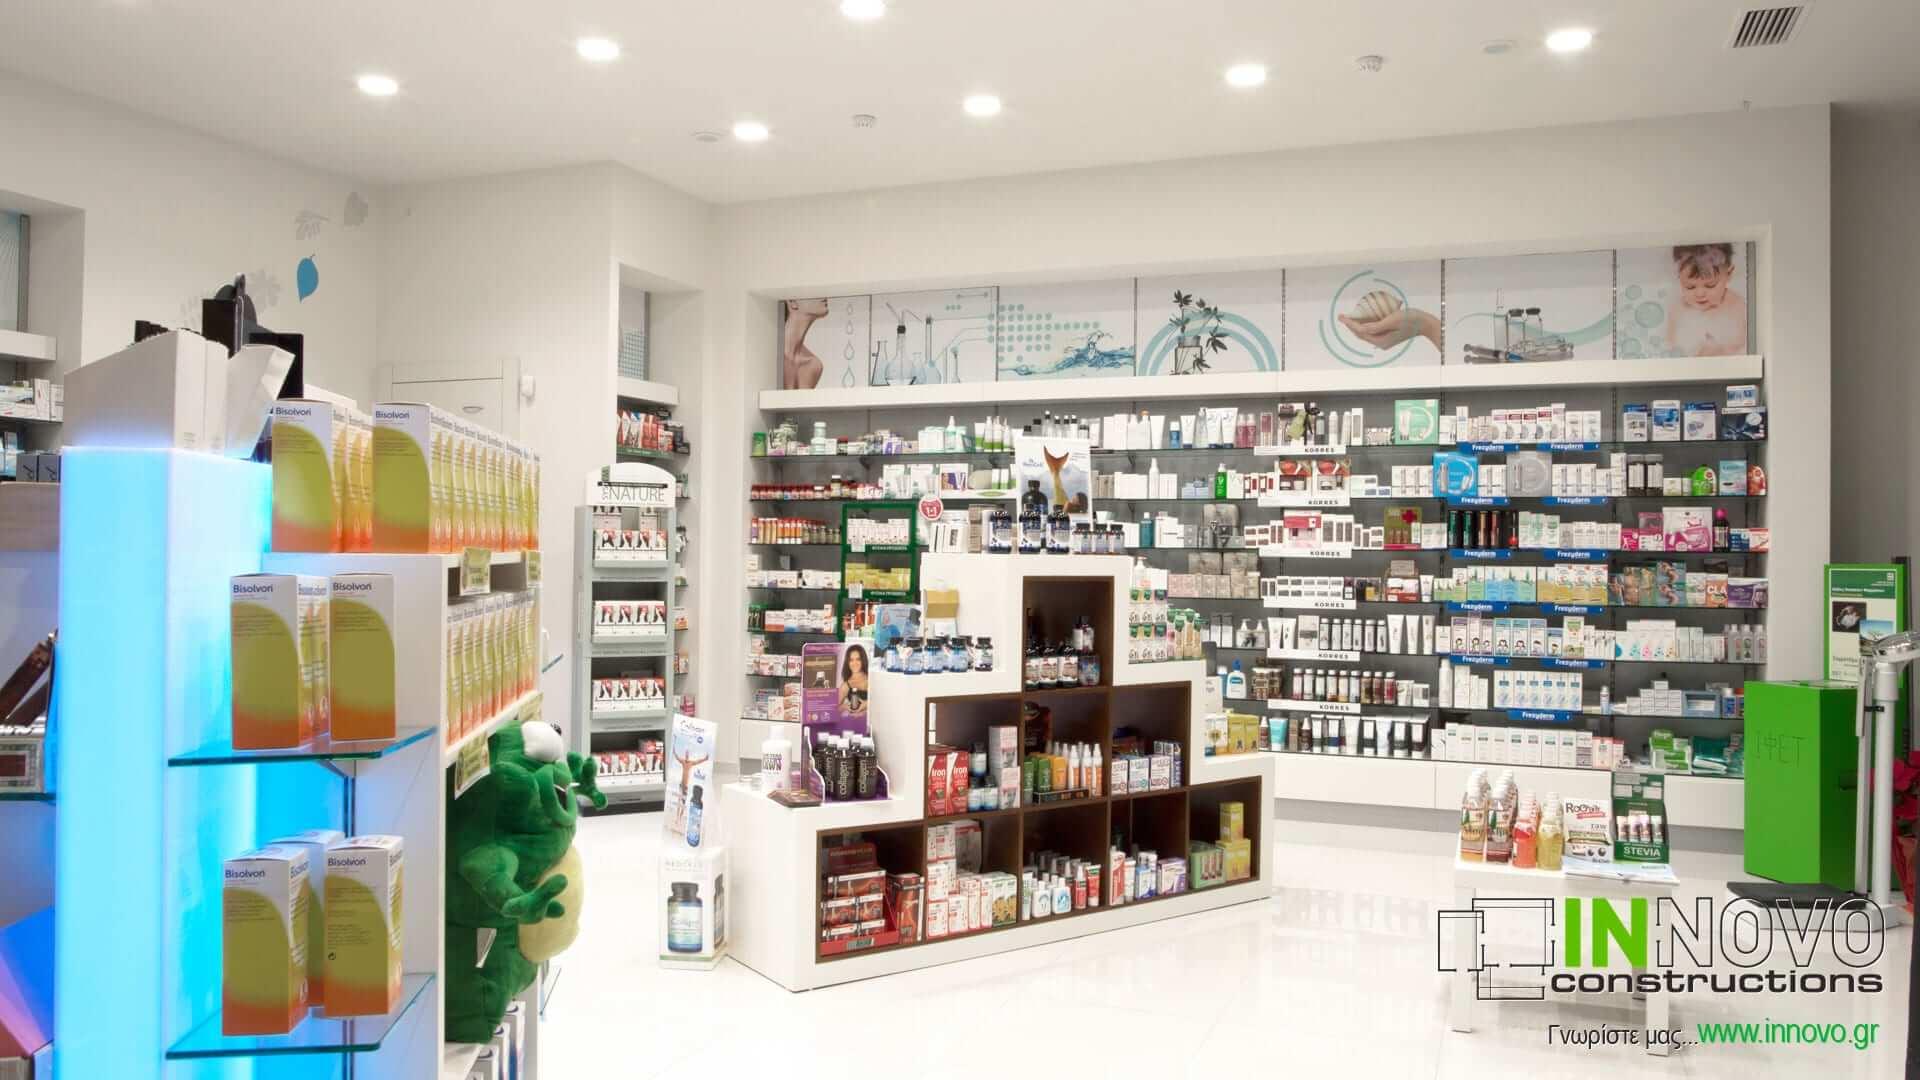 Ανακαίνιση φαρμακείου Κορωπί